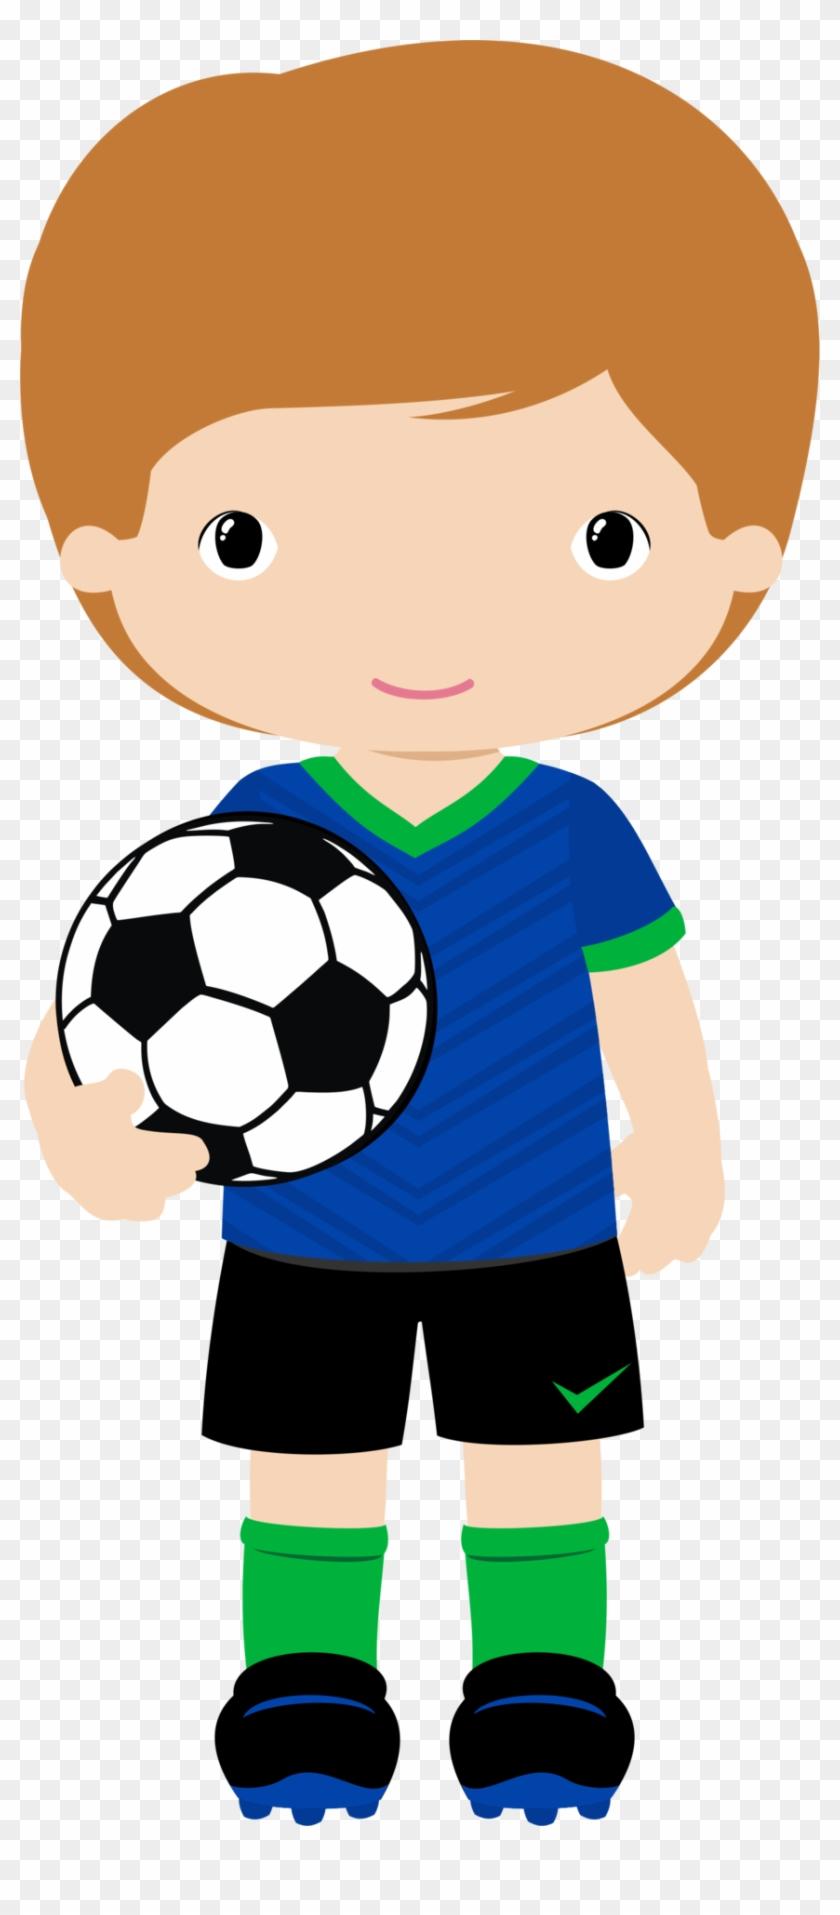 Ver Todas Las Imágenes De La Carpeta Png - Dibujos De Futbol Png #254786